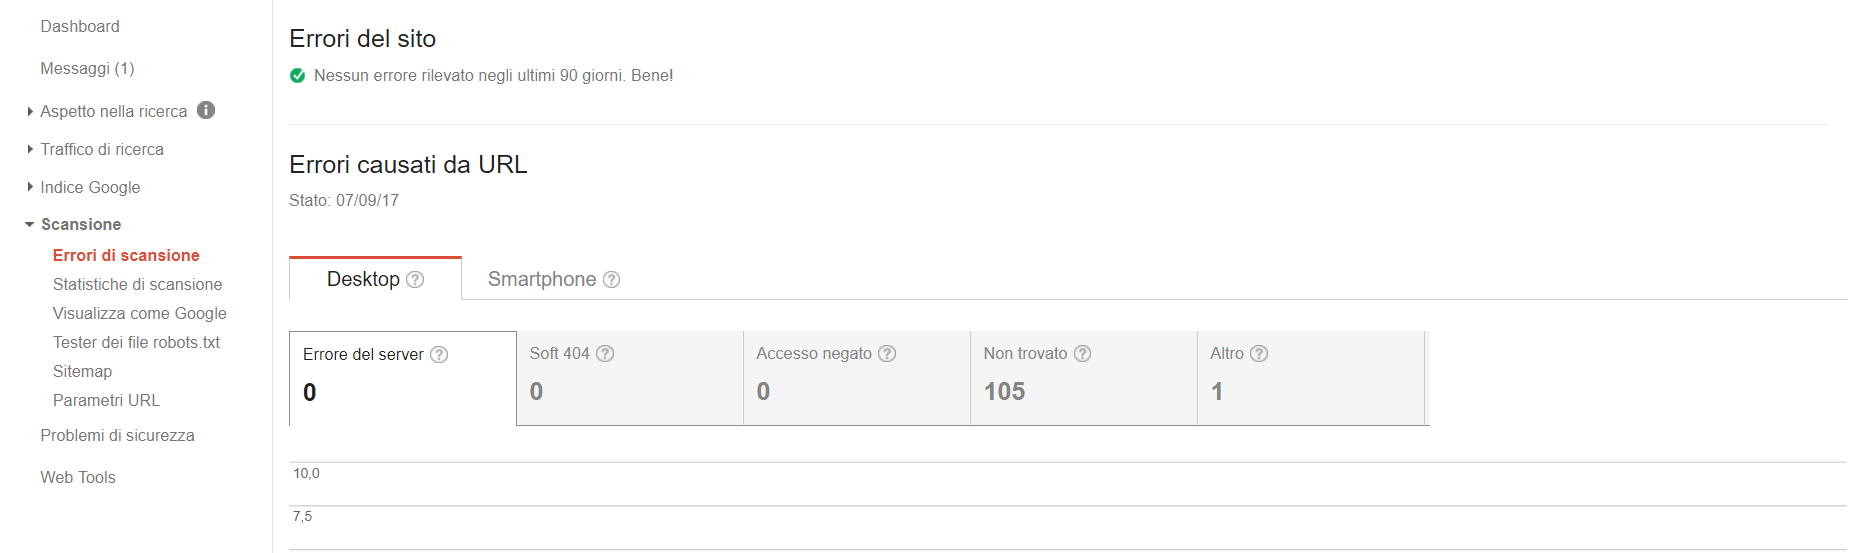 statistiche di scansione search console Google